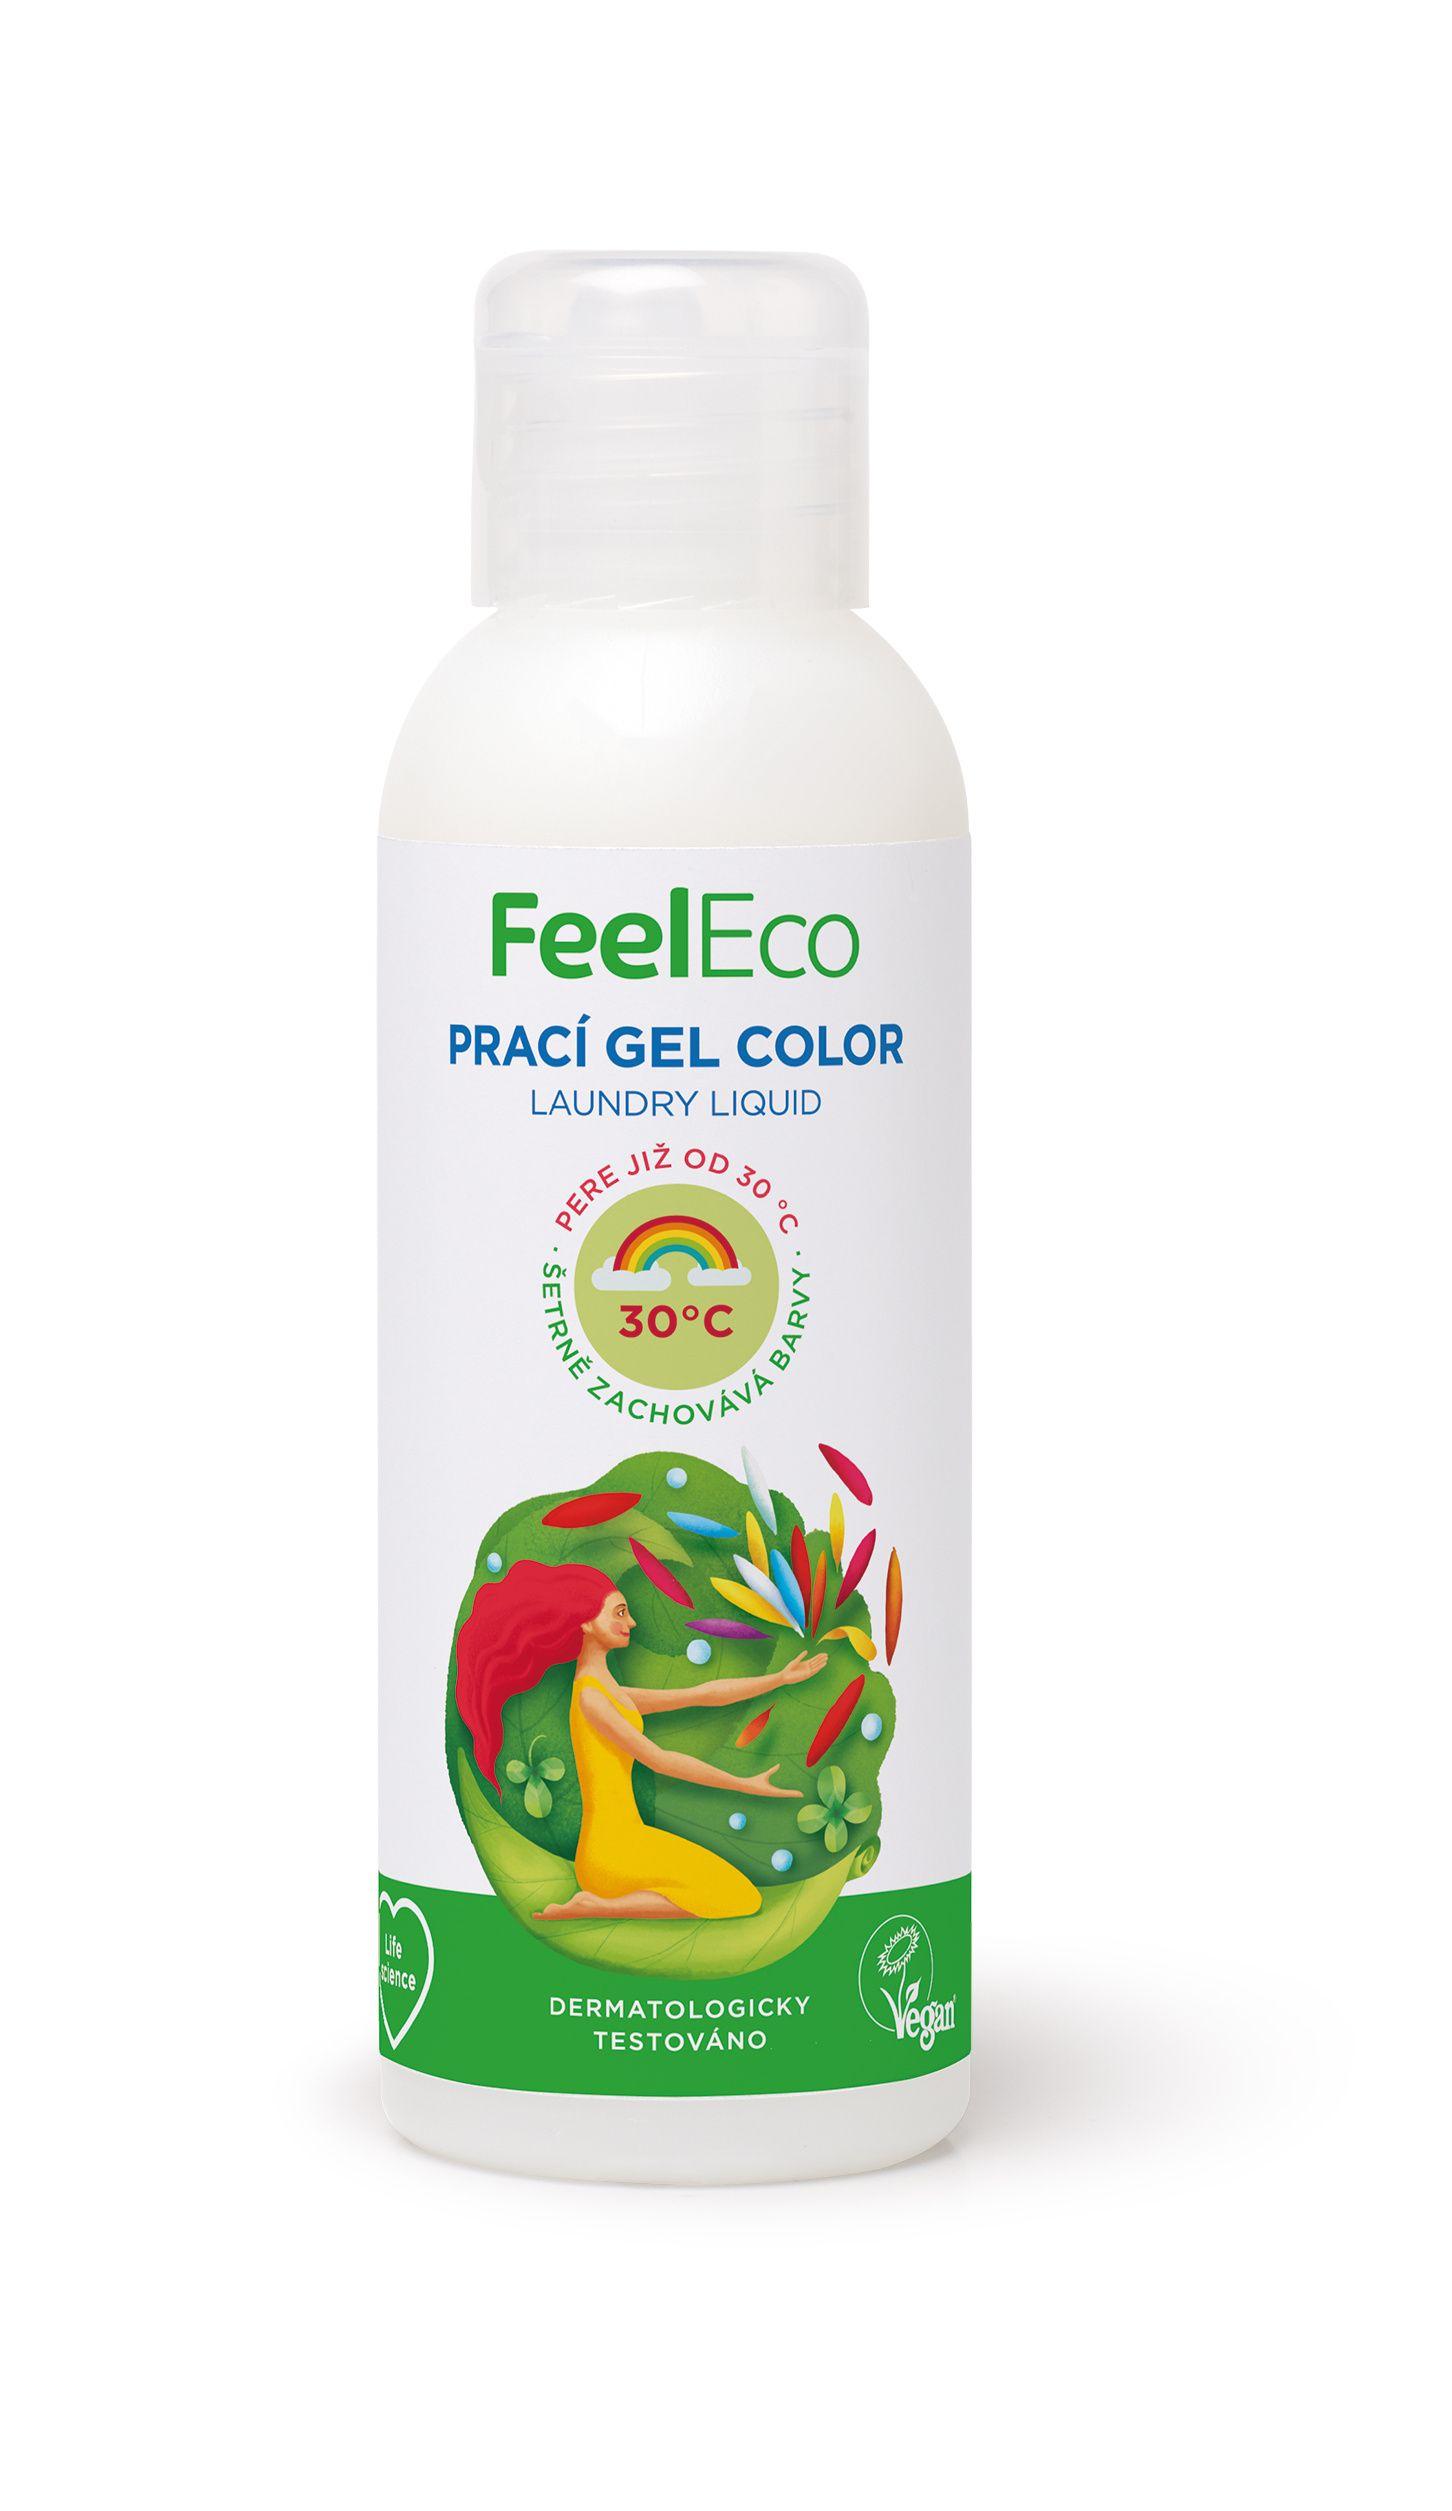 Feel Eco Prací gel color 100 ml